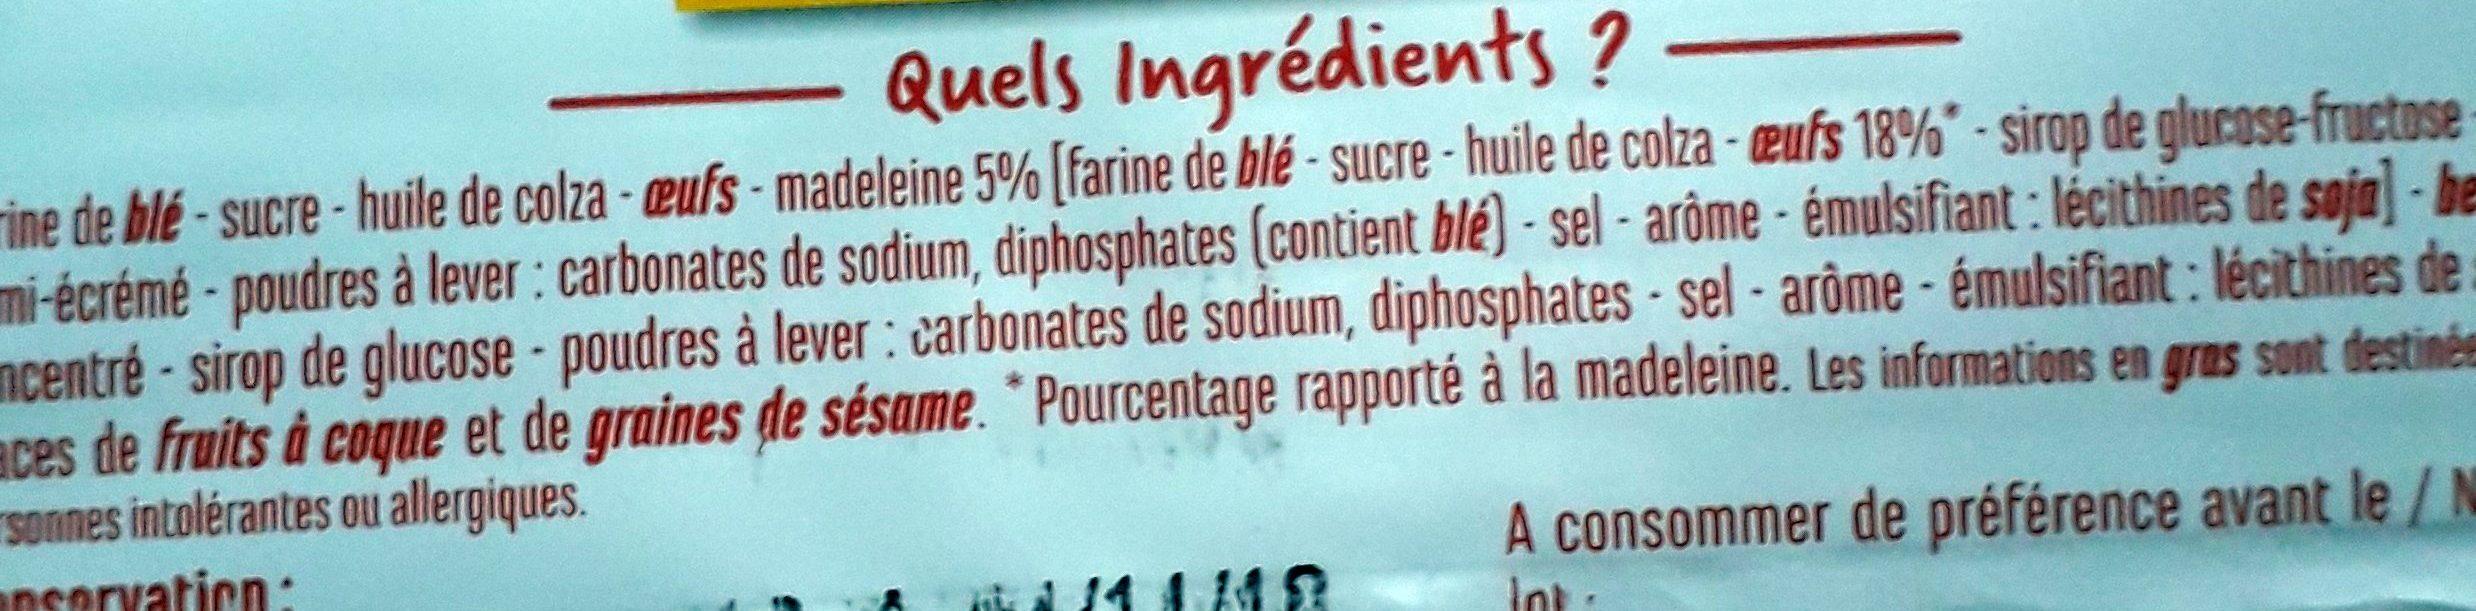 Palets gourmands - Ingrediënten - fr